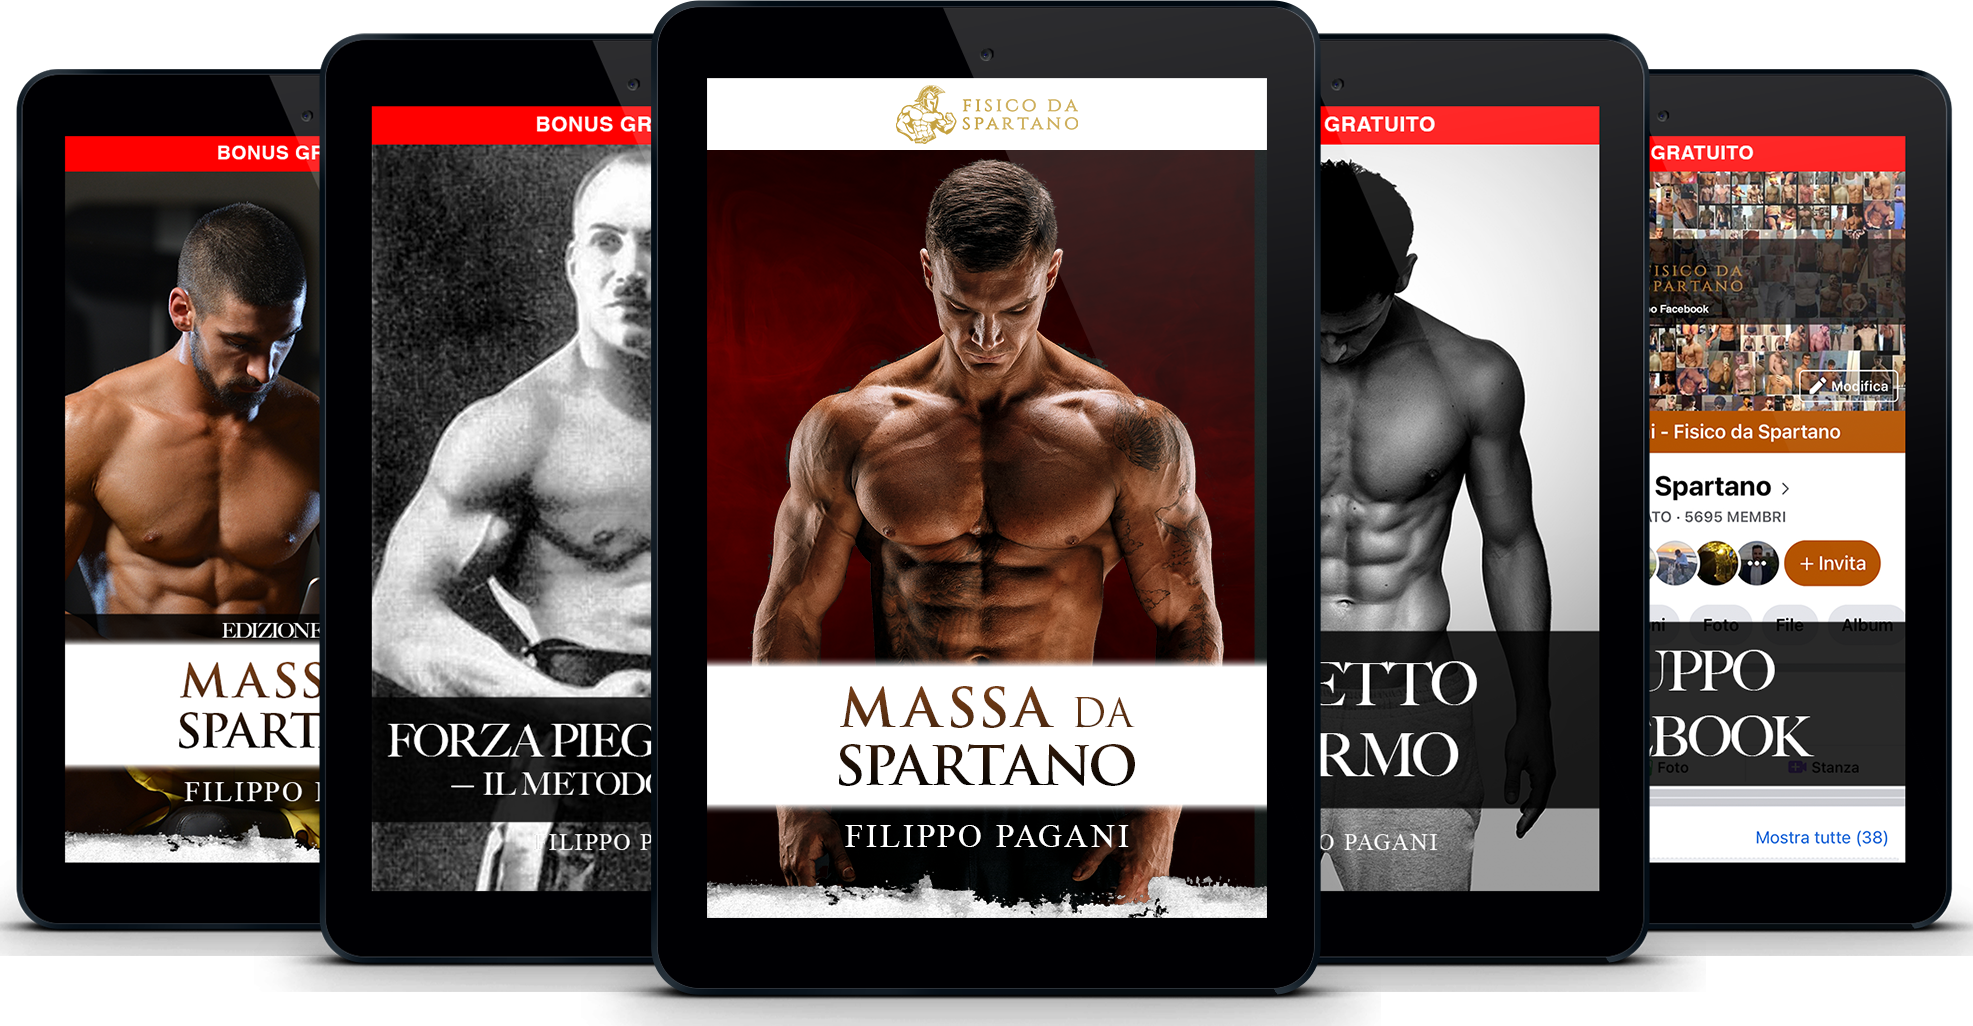 Spartan Home Training by Fisico da Spartano